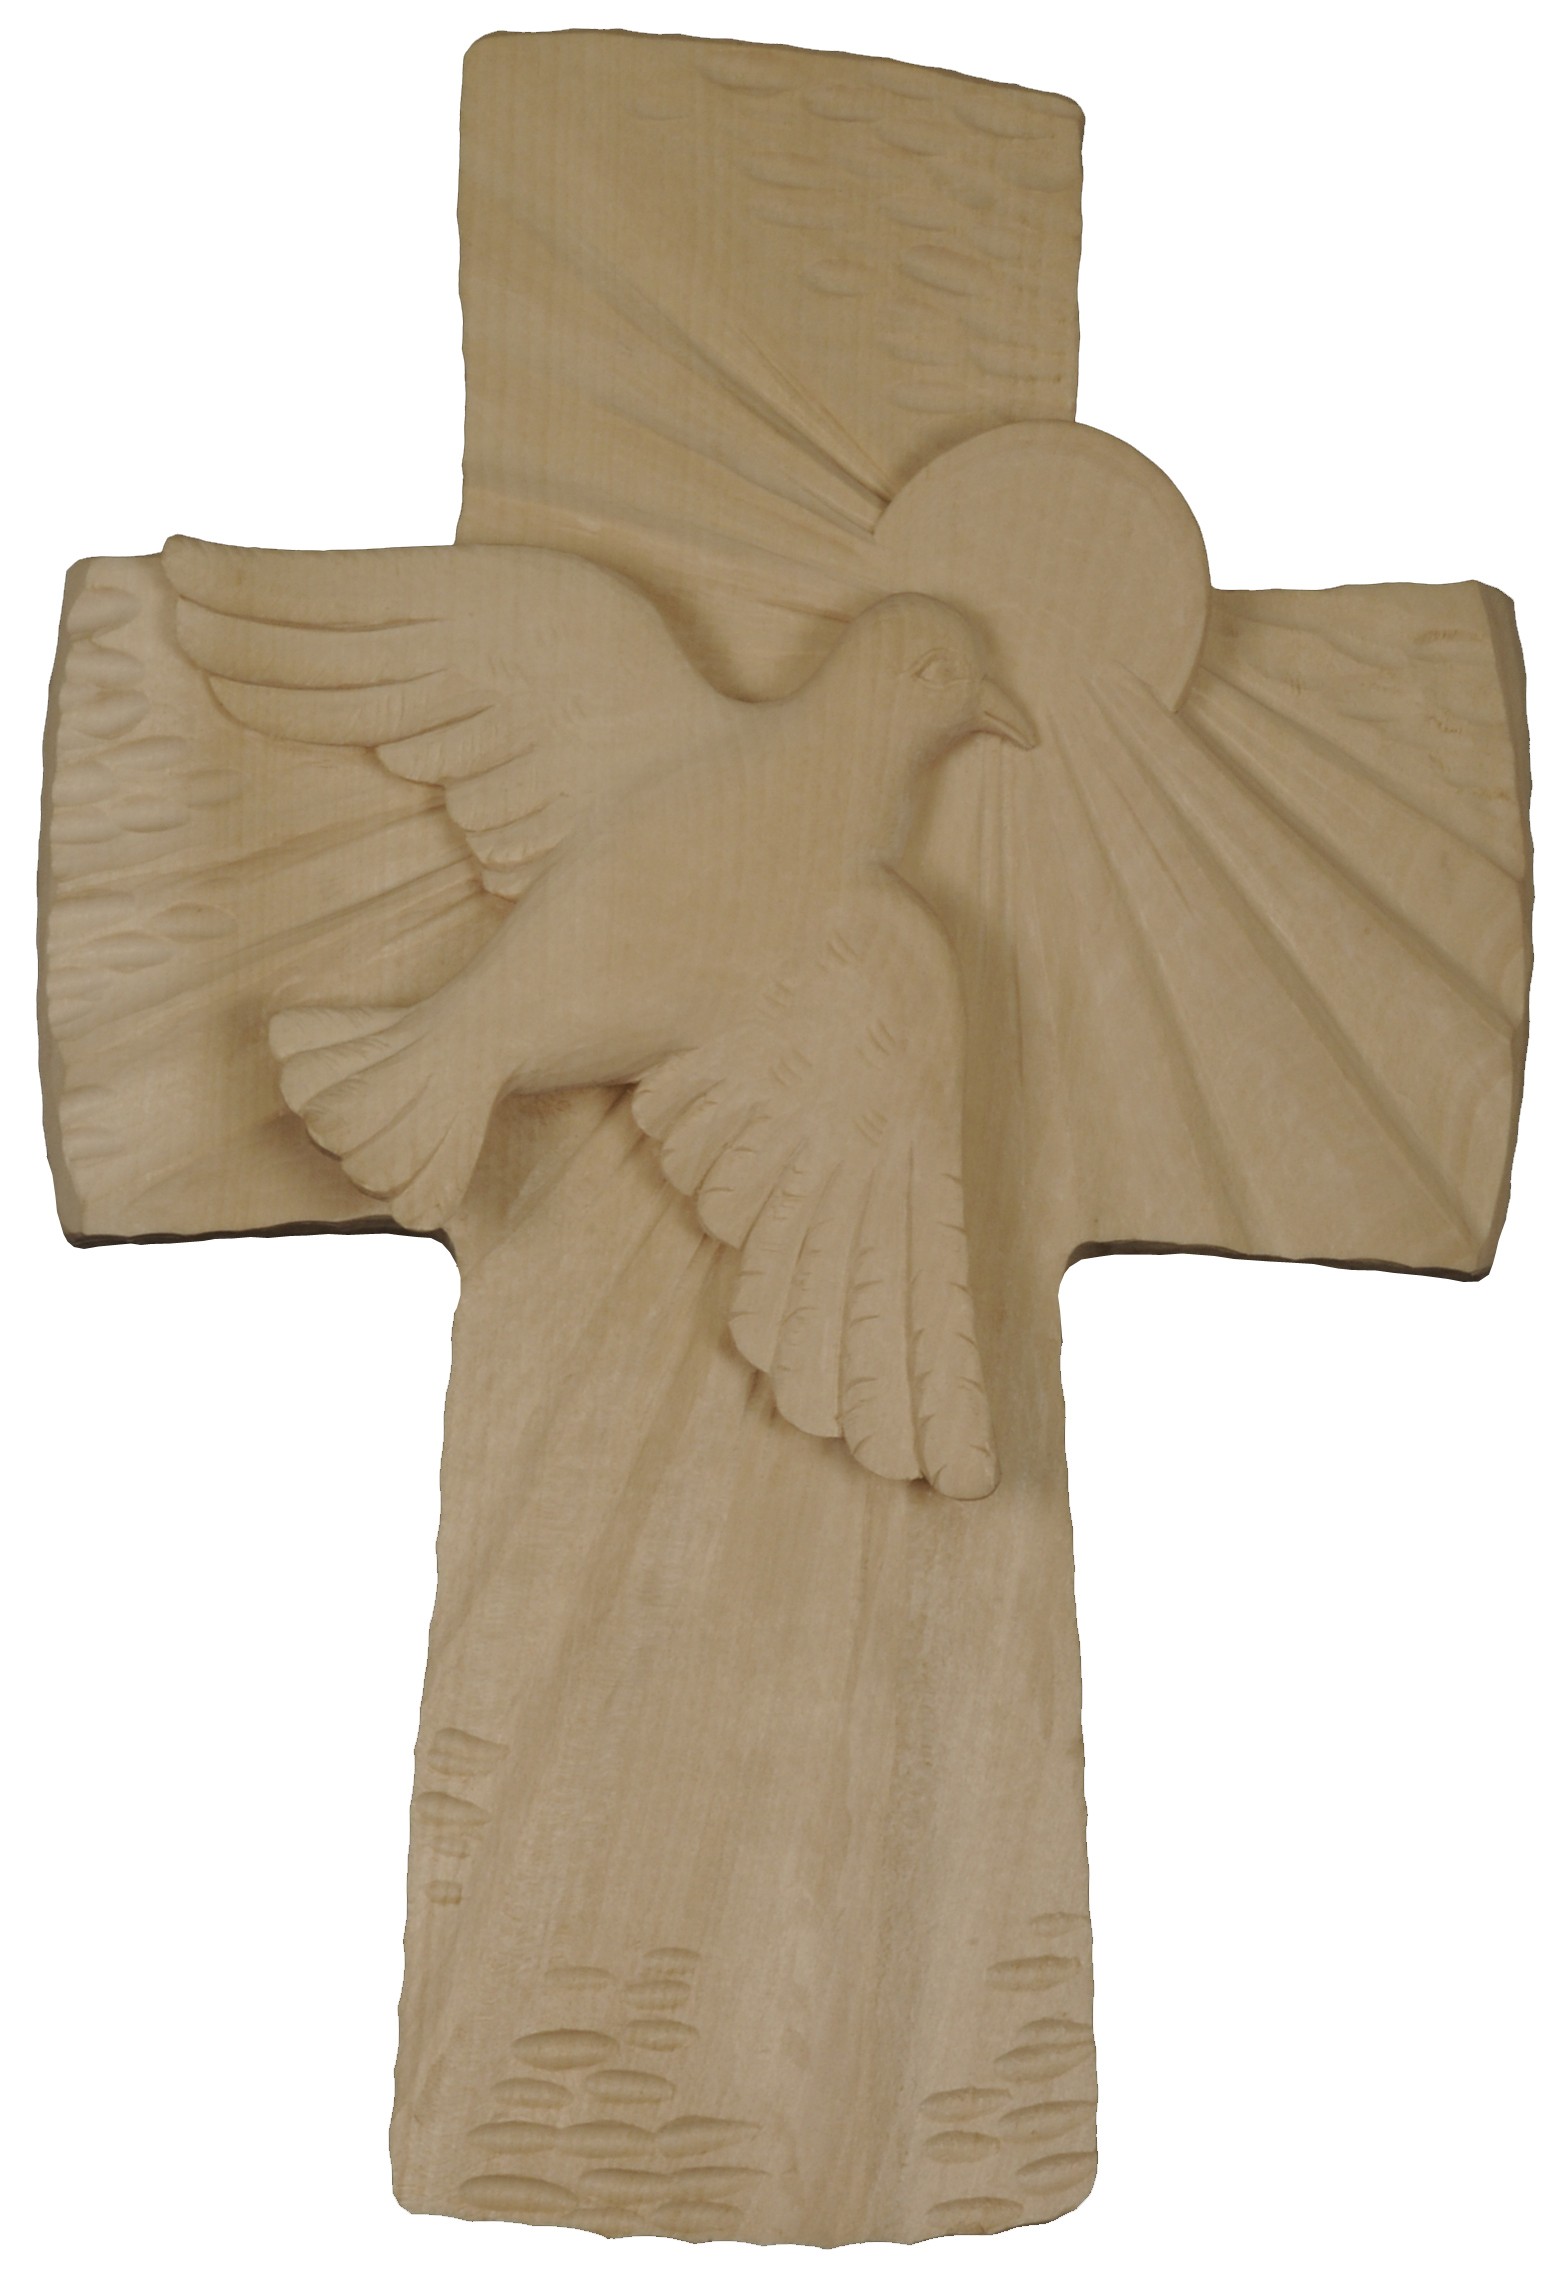 Friedenskreuz